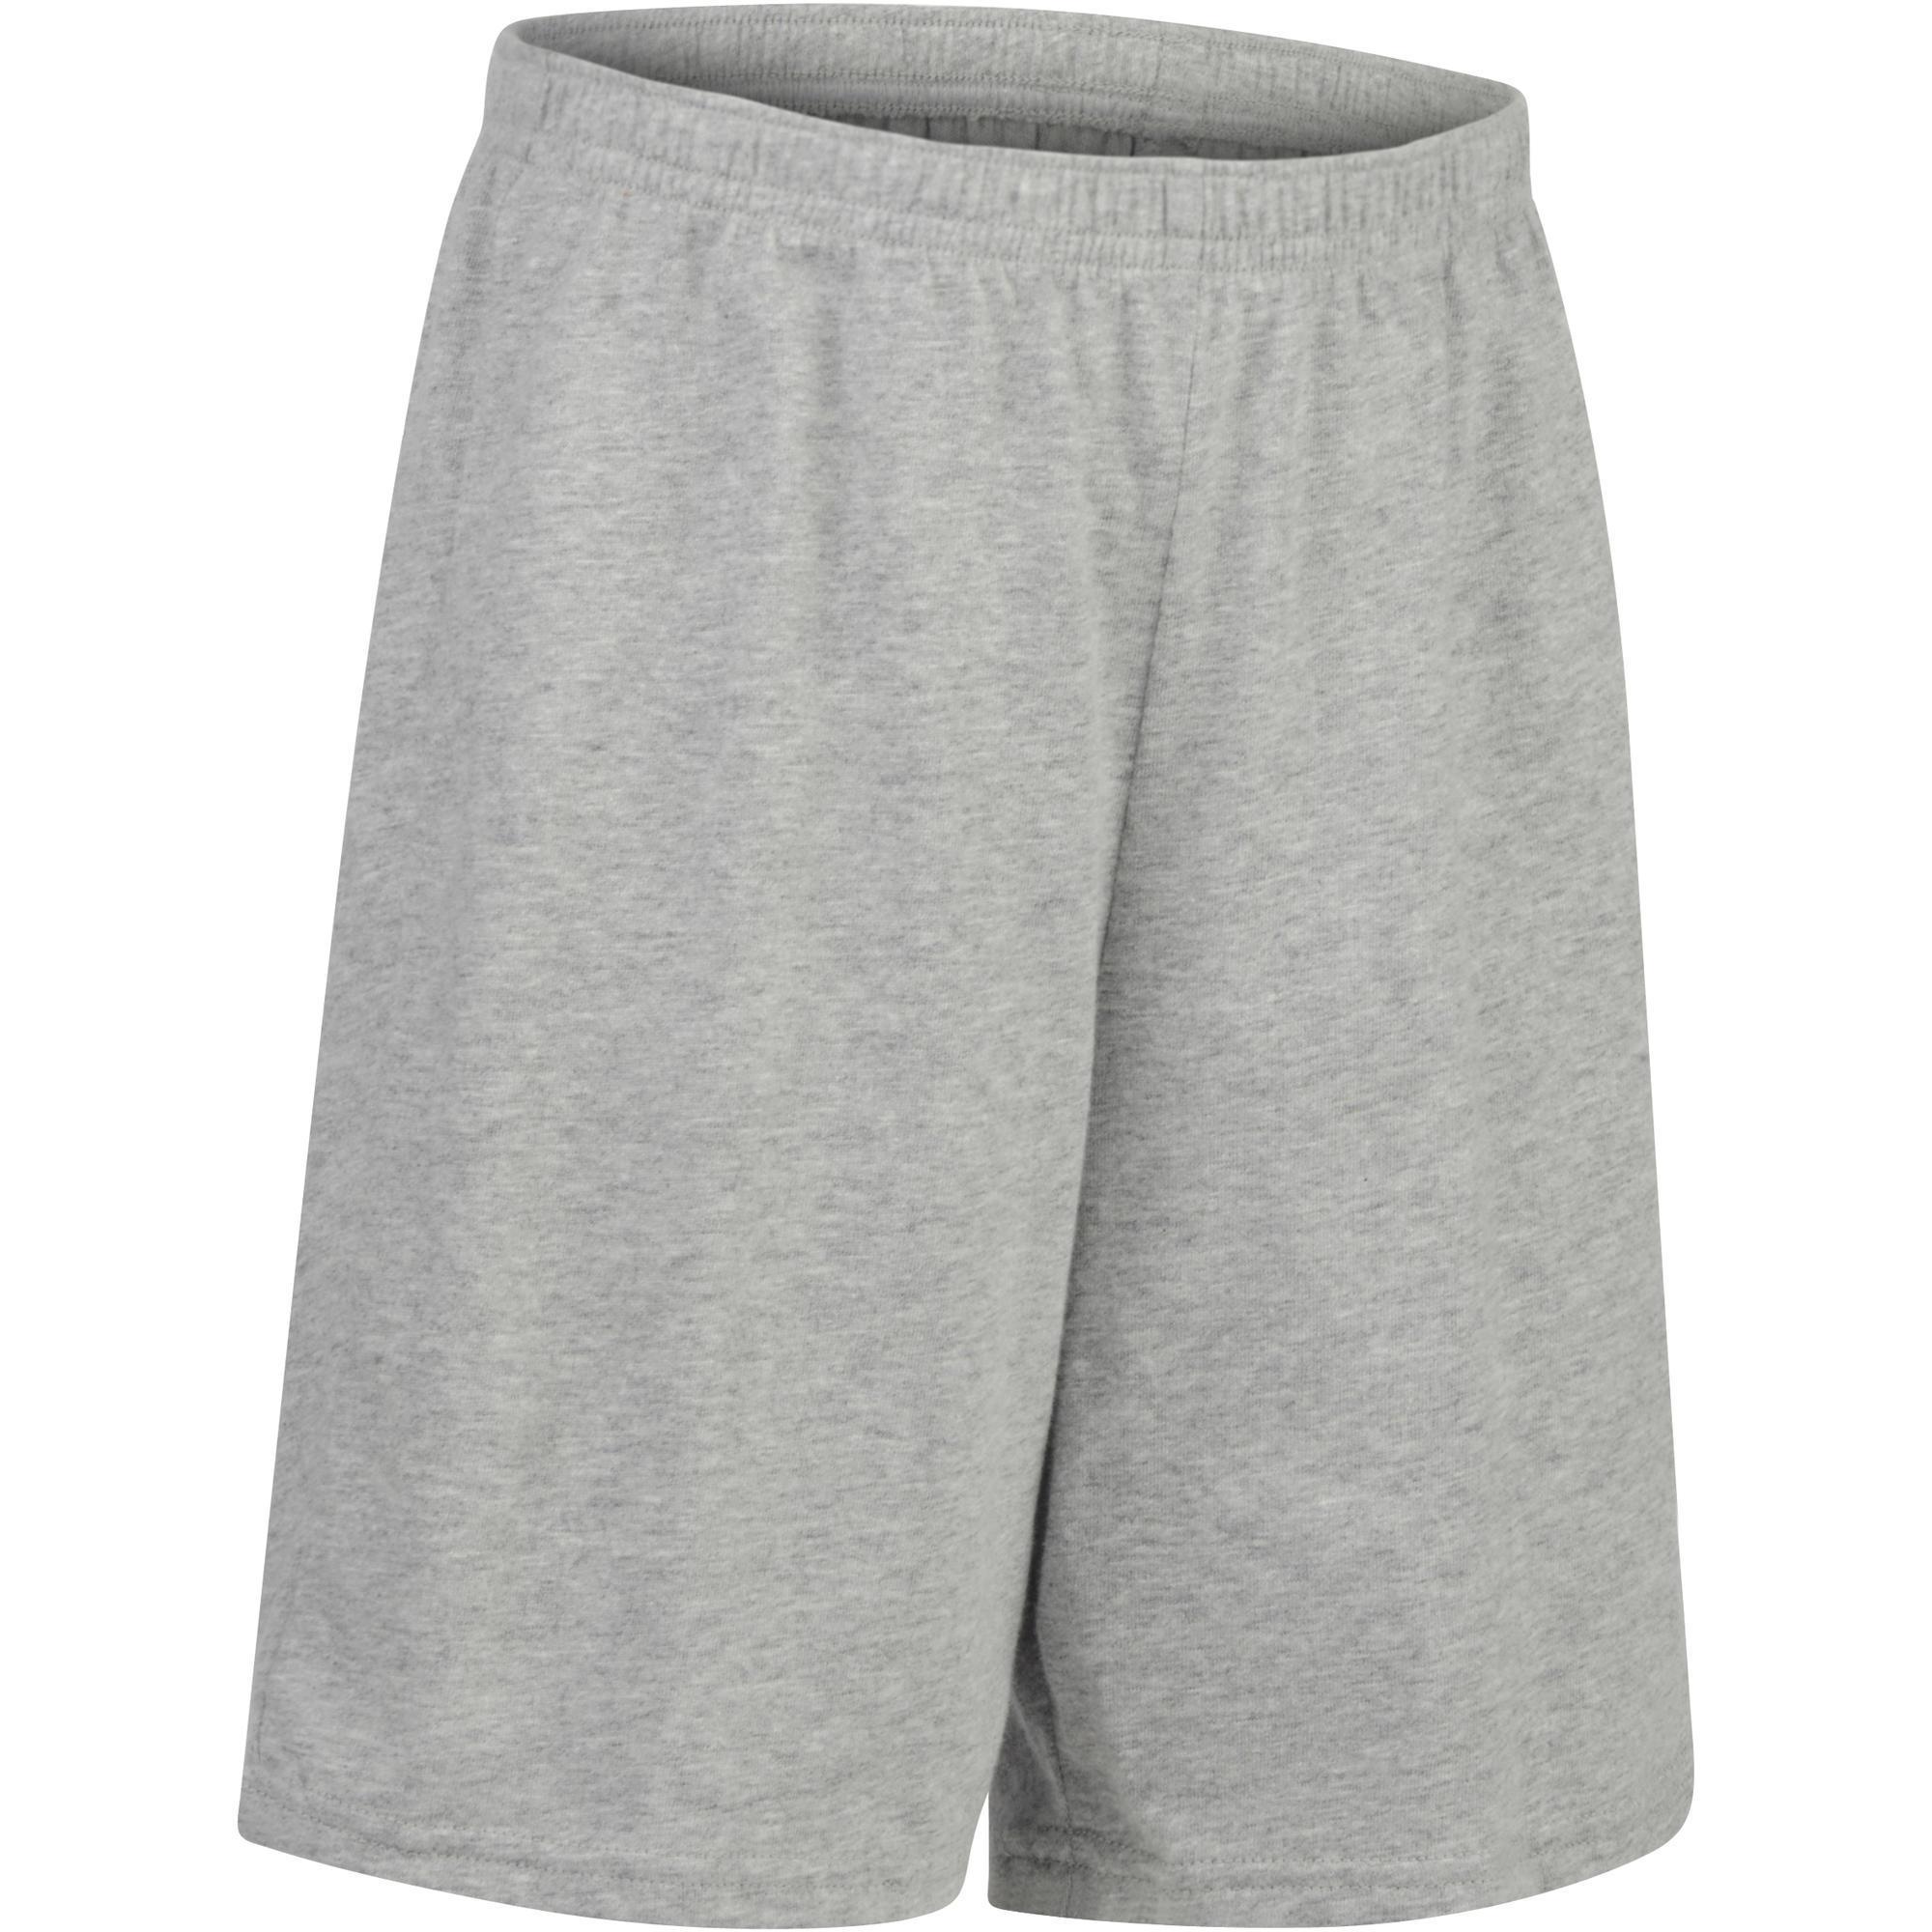 100 Boys' Gym Shorts - Grey